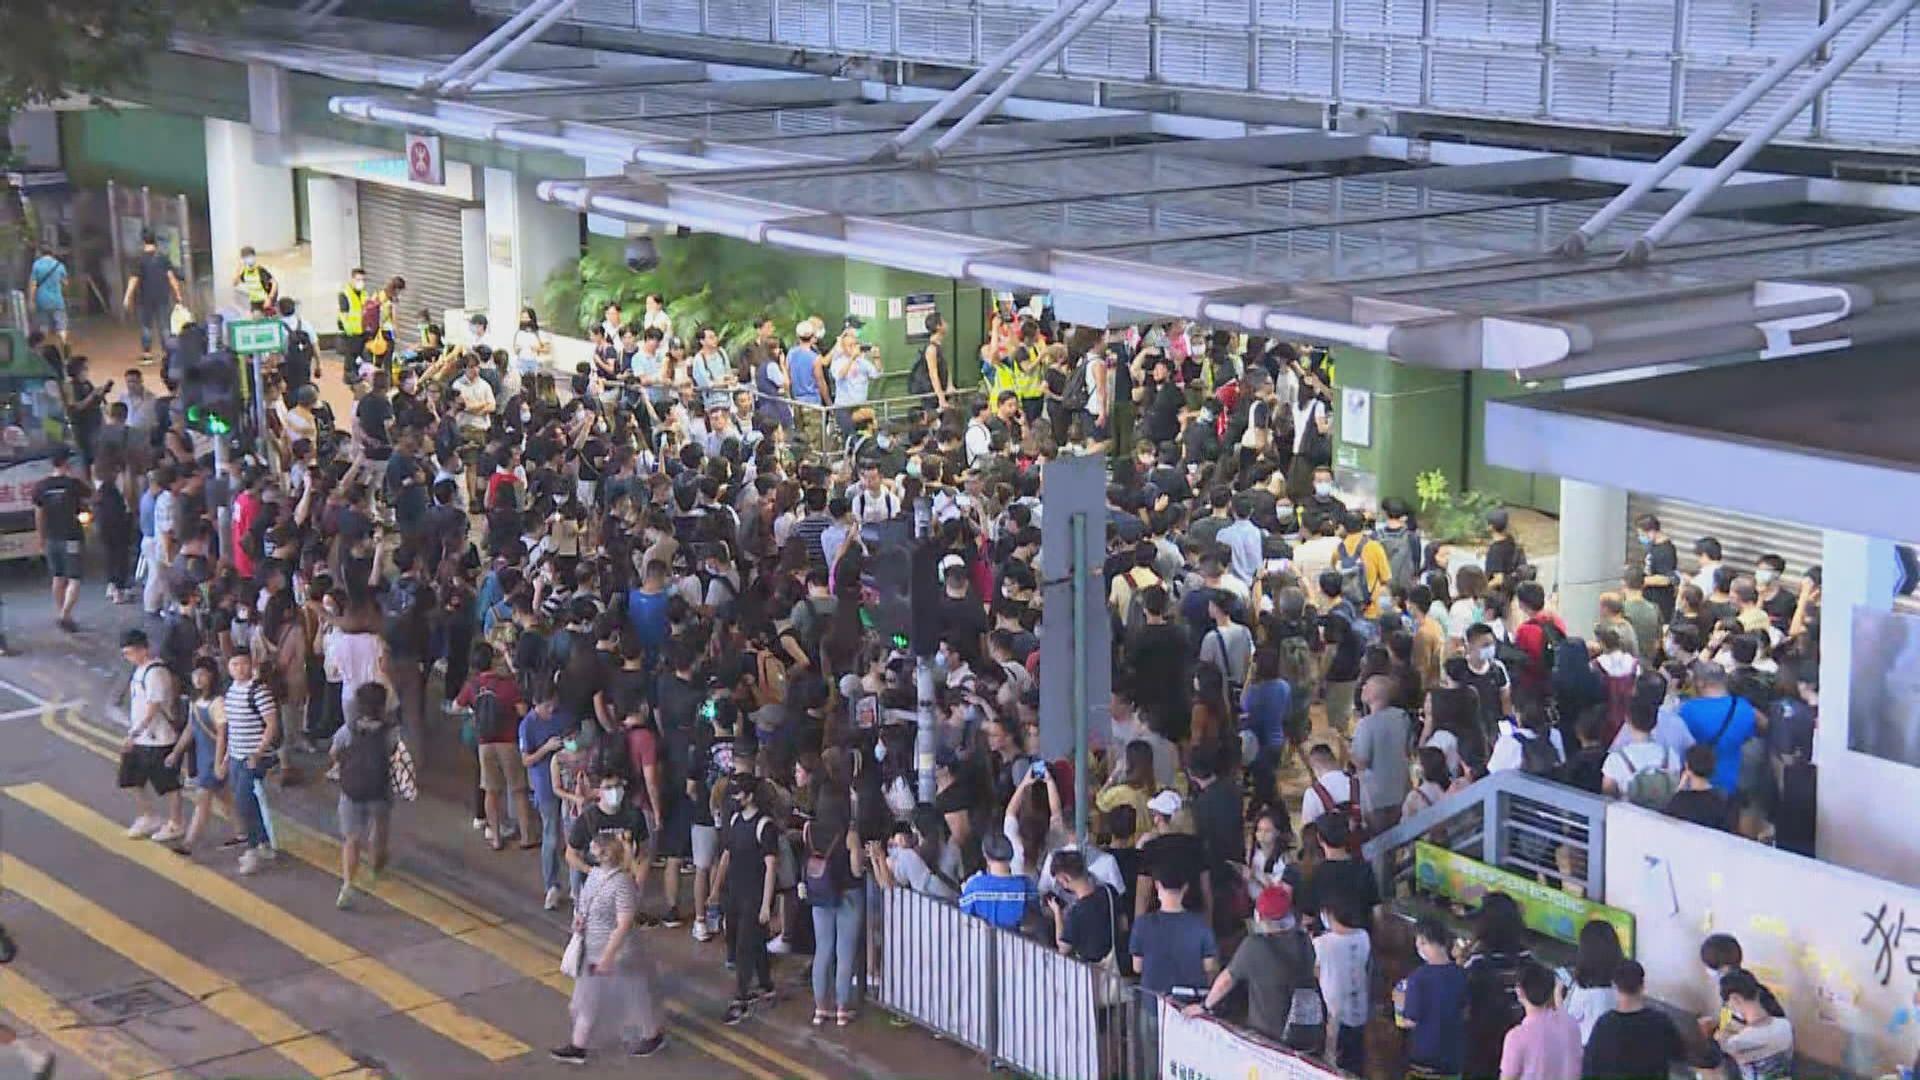 葵芳站晚上關閉 近百市民鼓譟進入站內